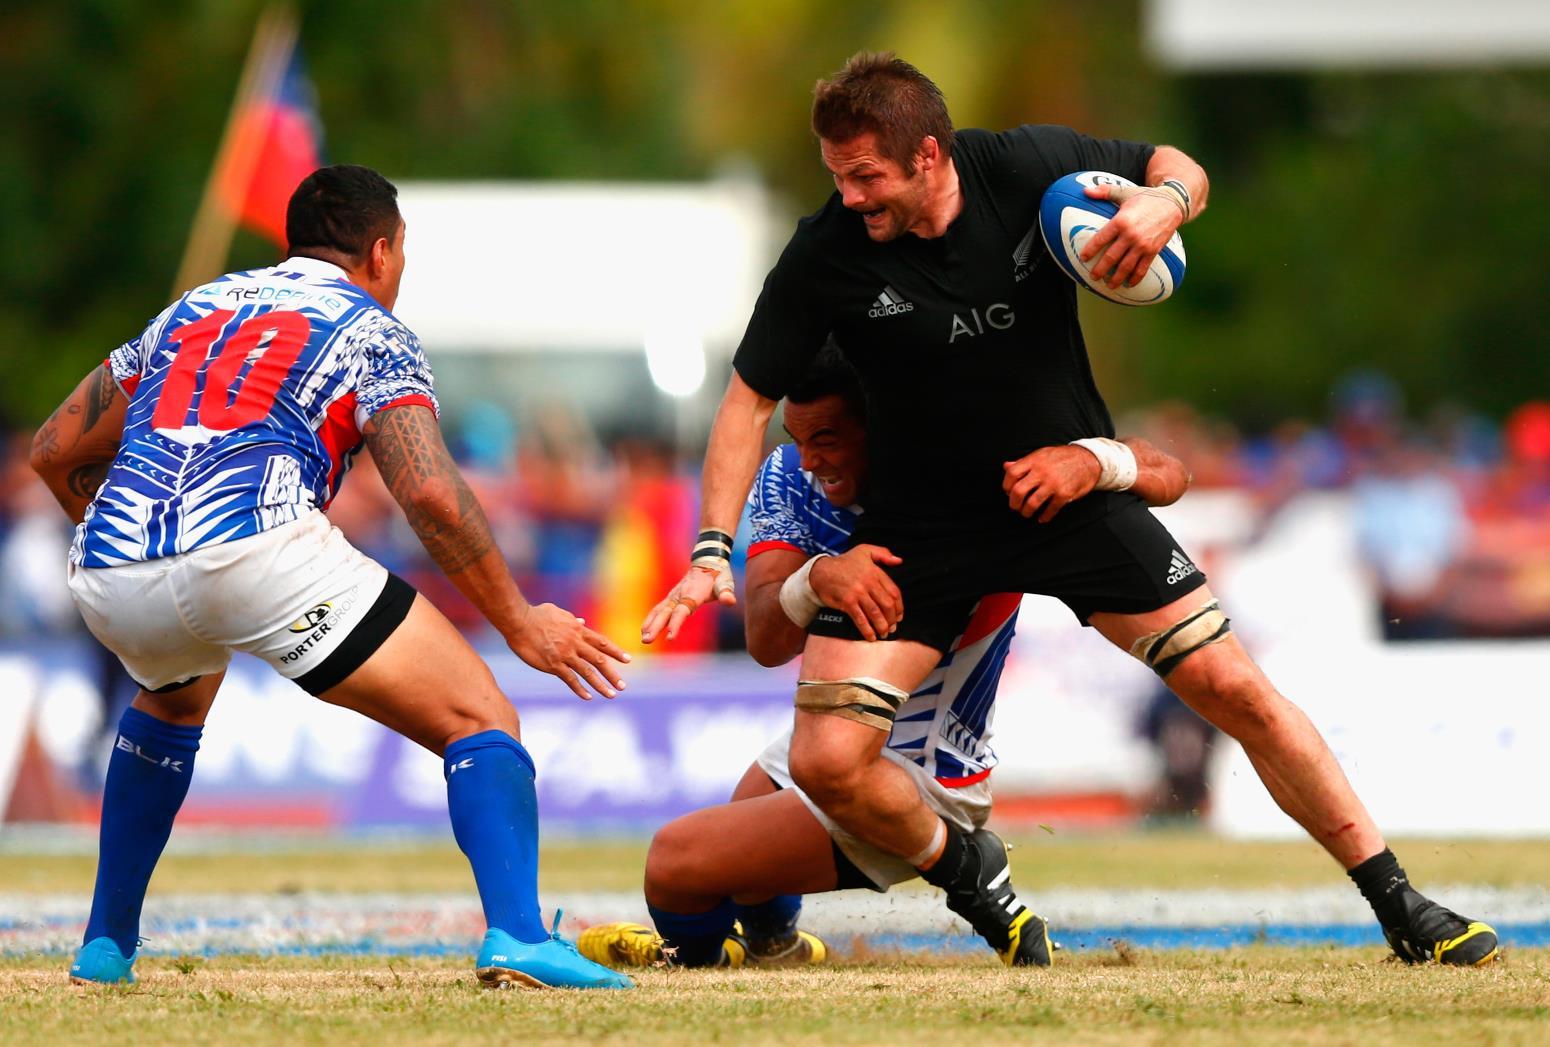 NZがサモアで初のテストマッチ。W杯で日本と同組のサモア、9点差惜敗(C)Getty Images